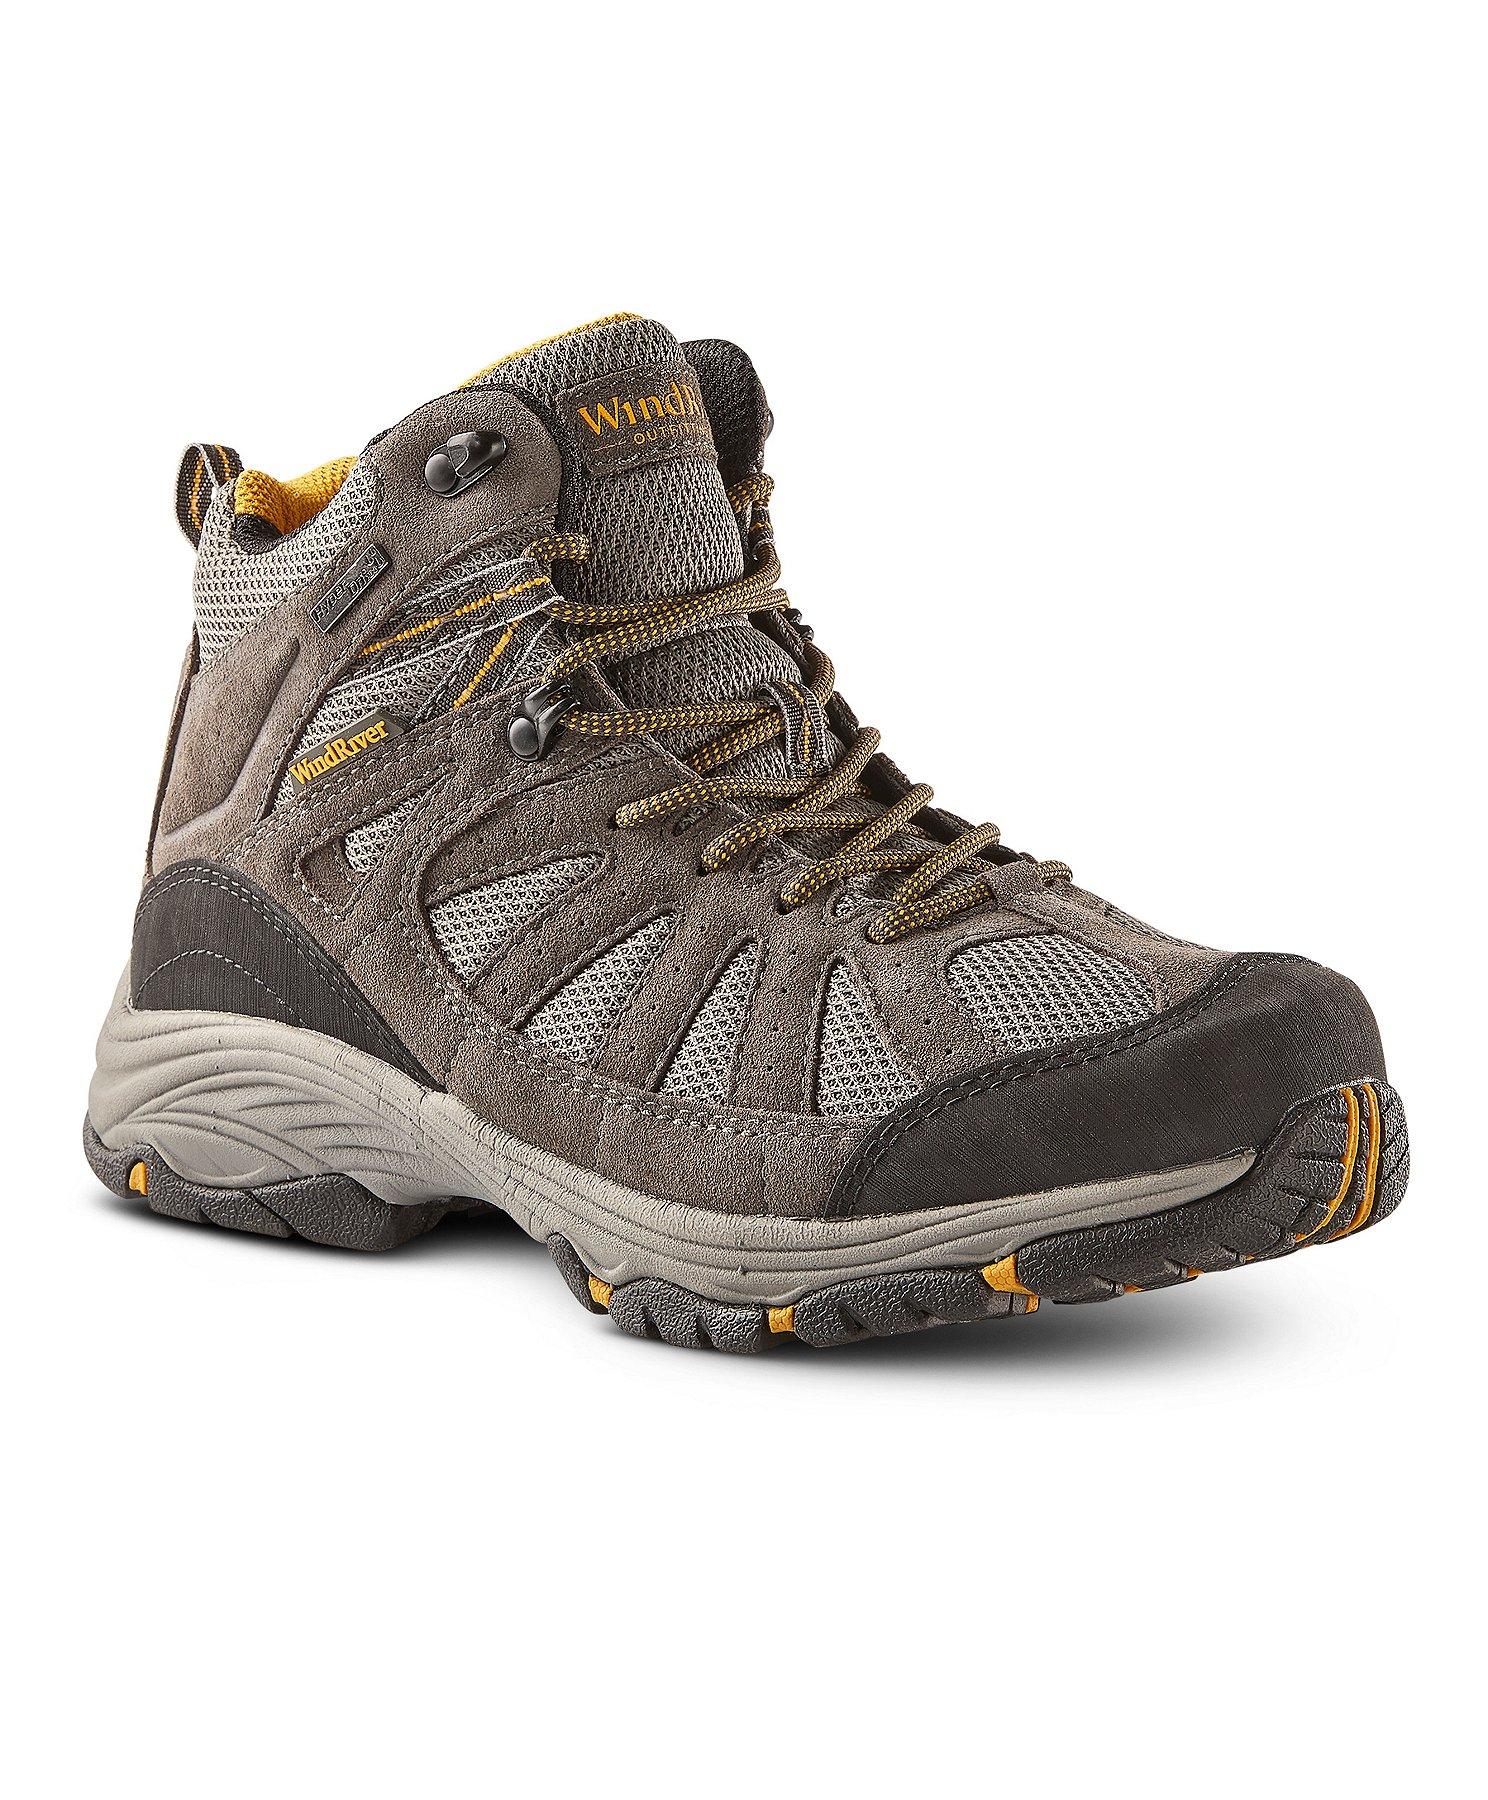 Bottes de randonnée imperméables pour hommes, Whitehorn HD3